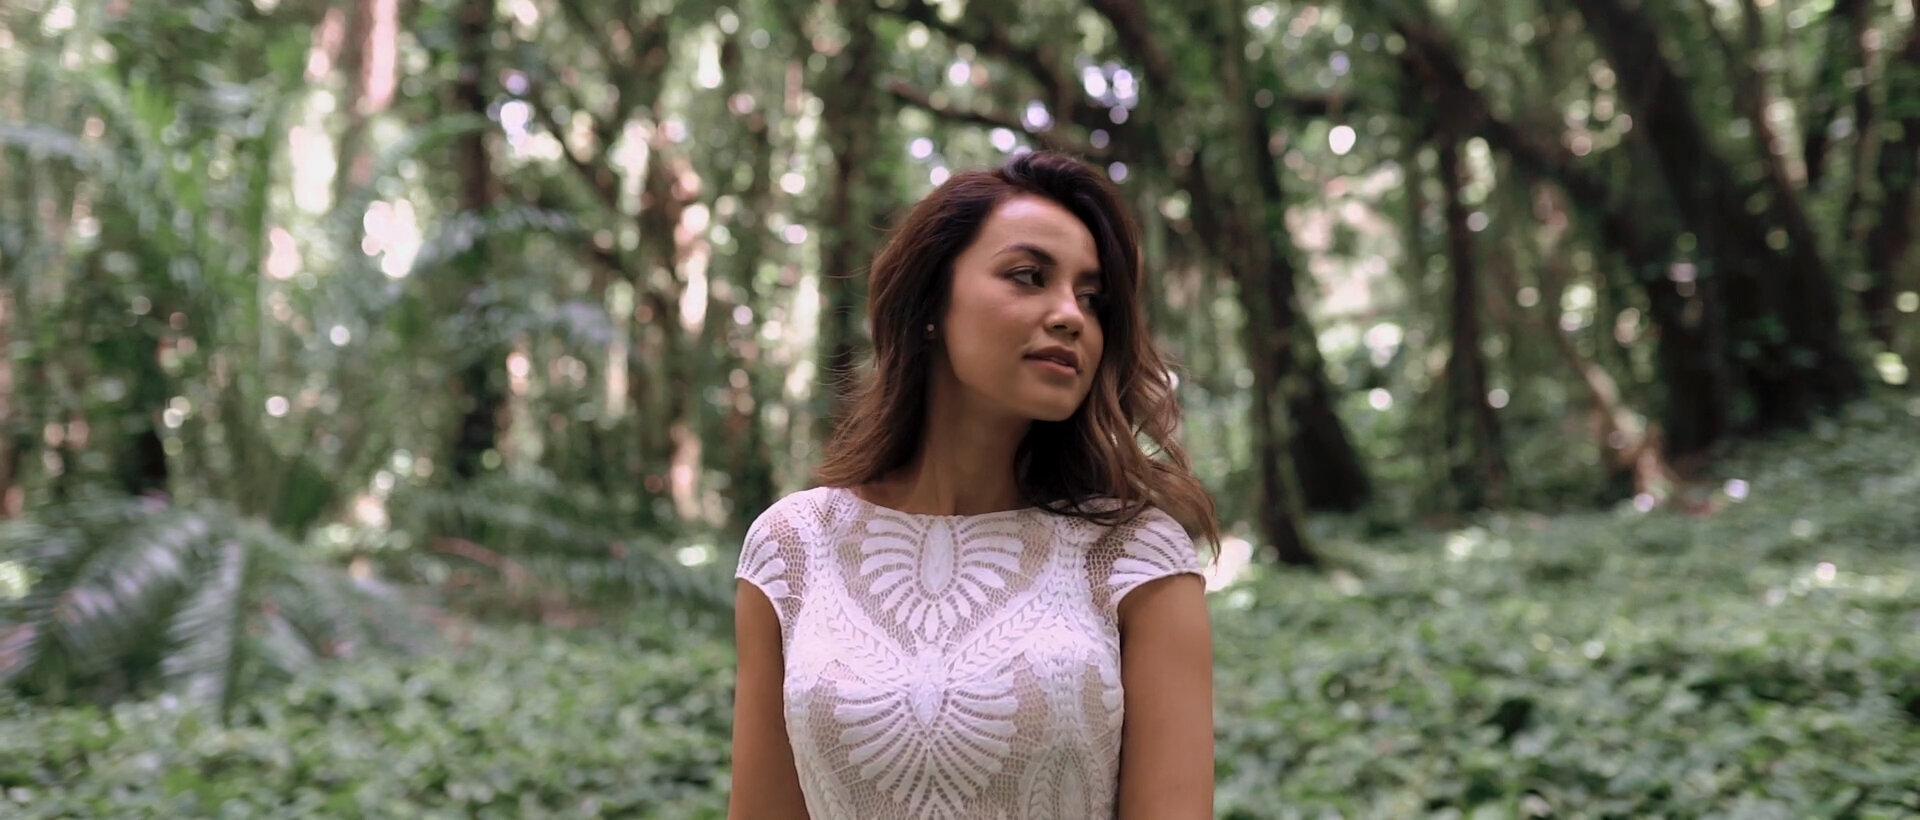 honolua-bay-forest-elopement-maui-hawaii-13.jpg